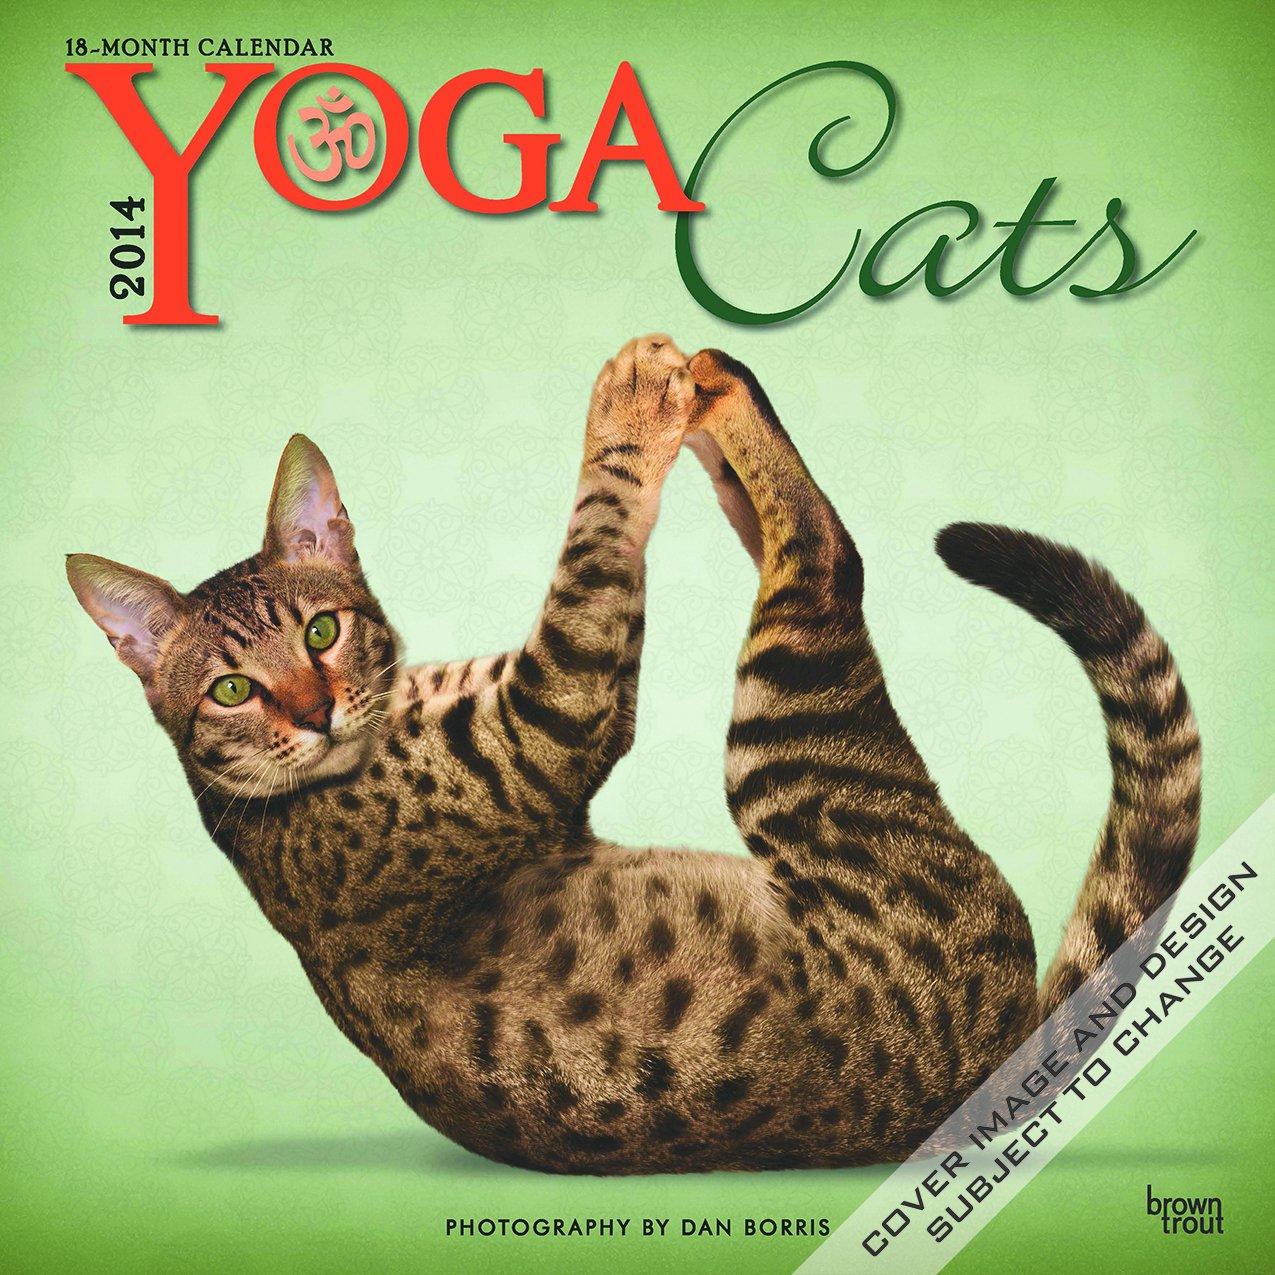 Yoga Cats - 2014 Calendar